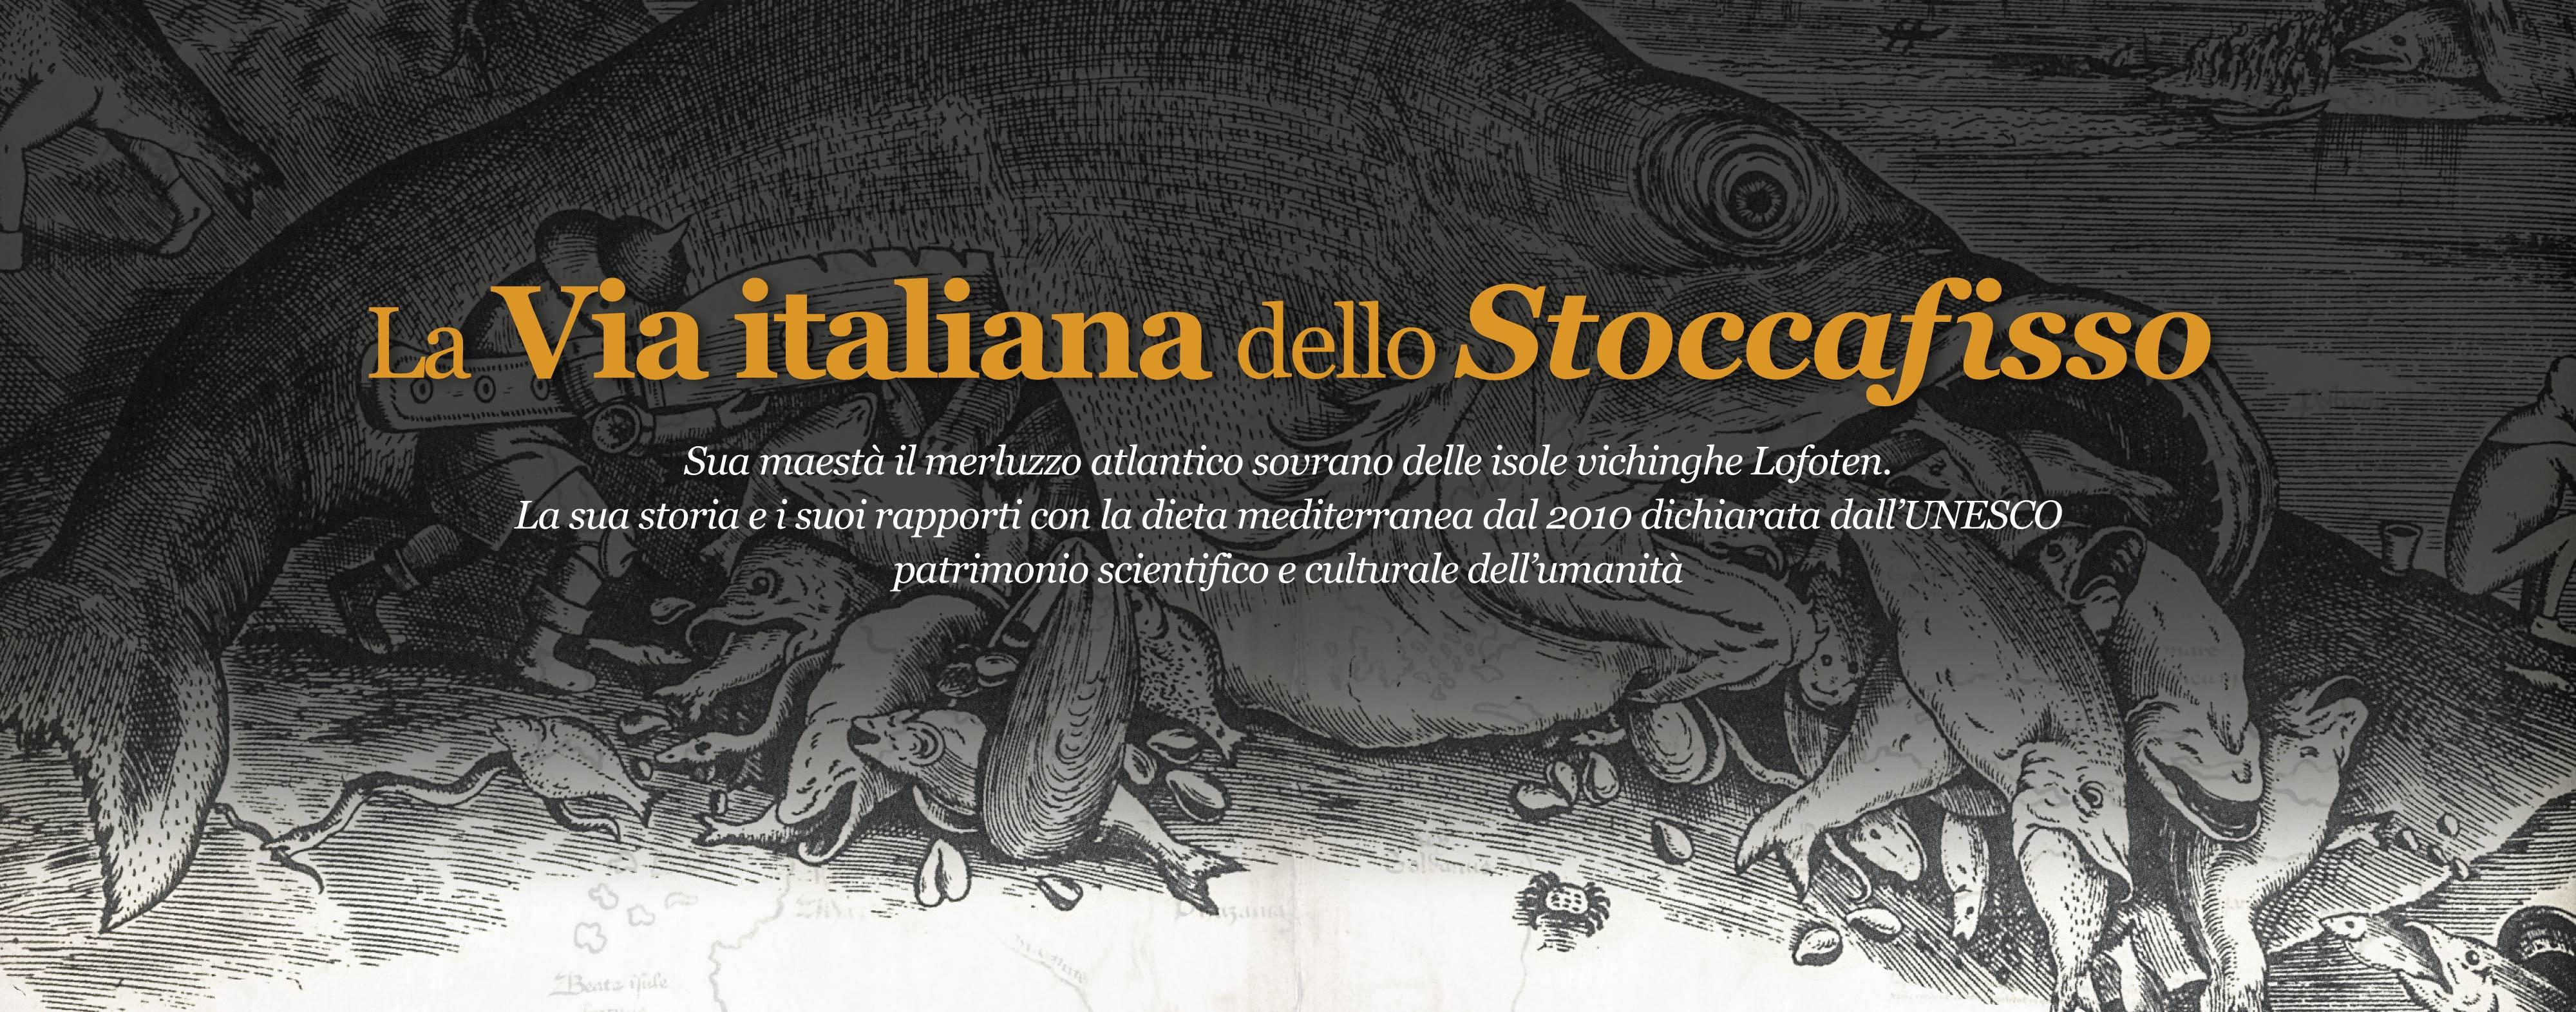 Conferenza La Via Italiana dello Stoccafisso